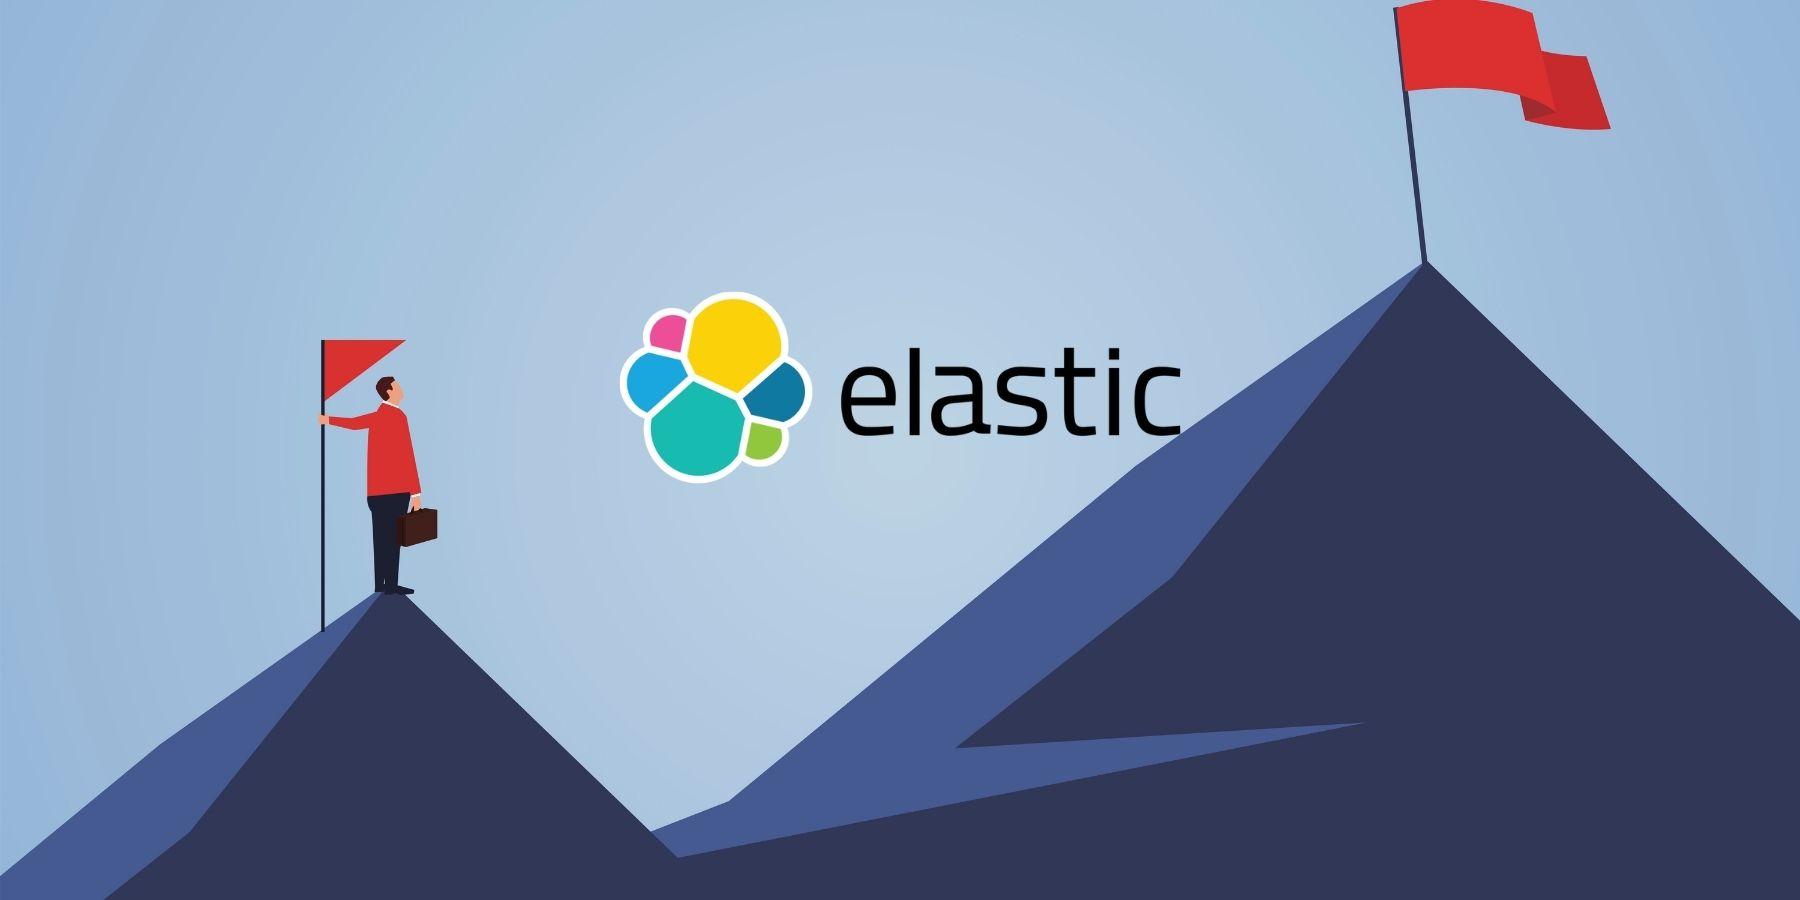 Elastic Aktie